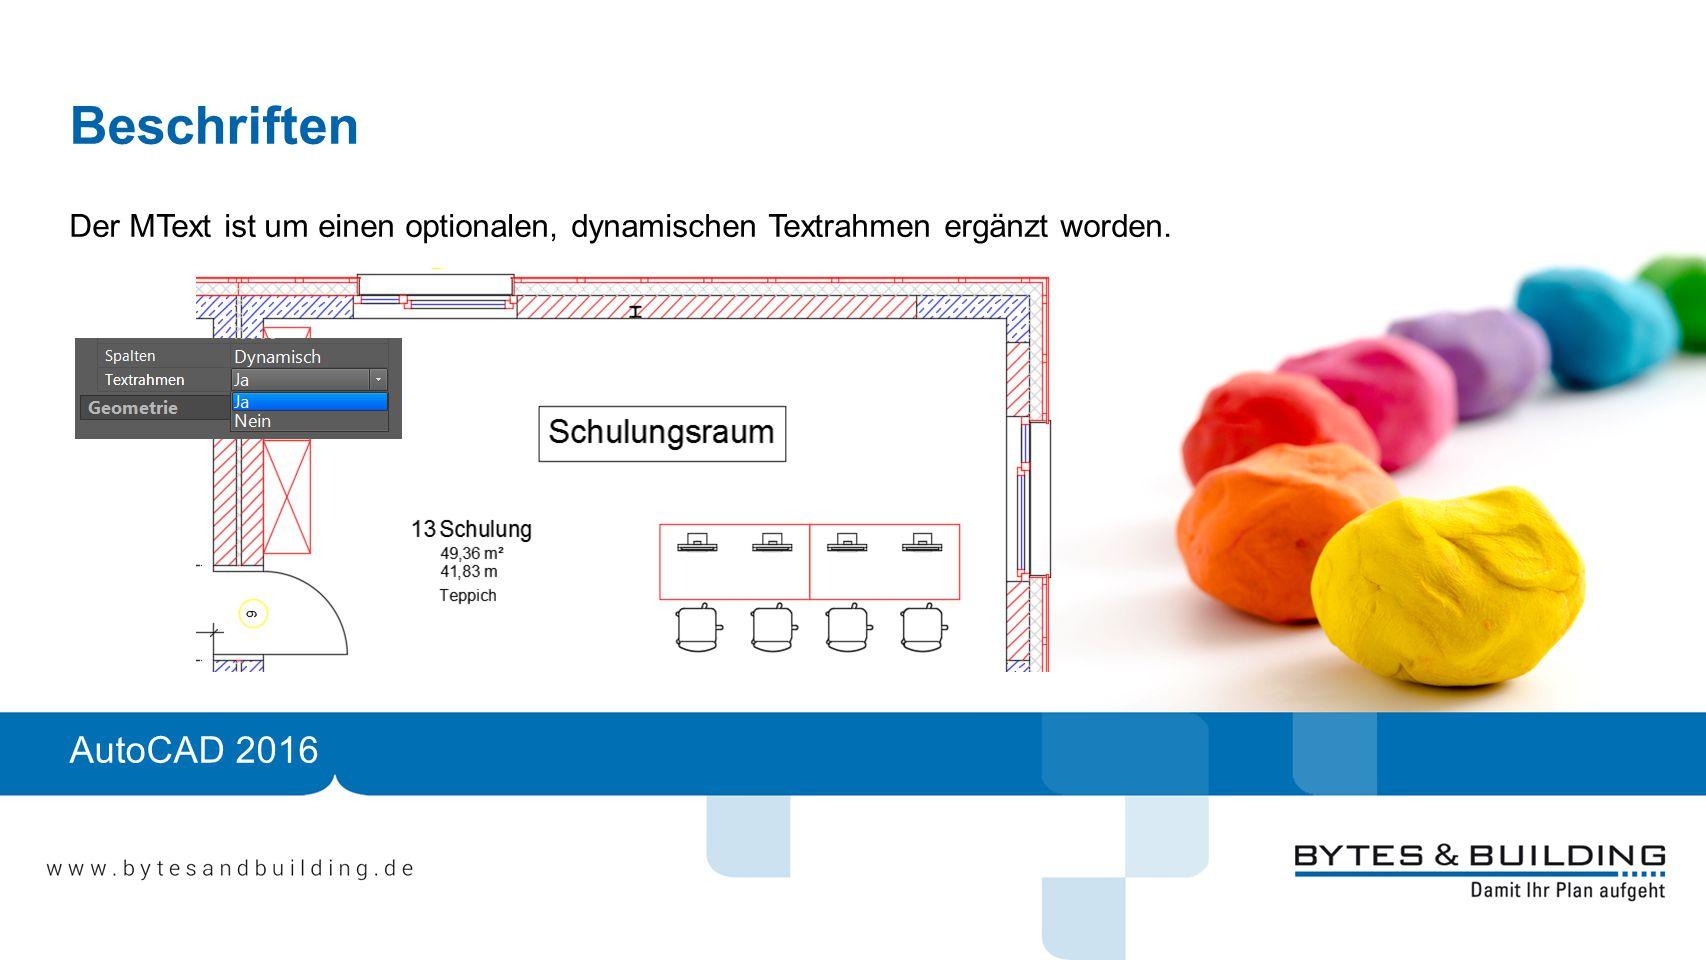 Beschriften Der MText ist um einen optionalen, dynamischen Textrahmen ergänzt worden.